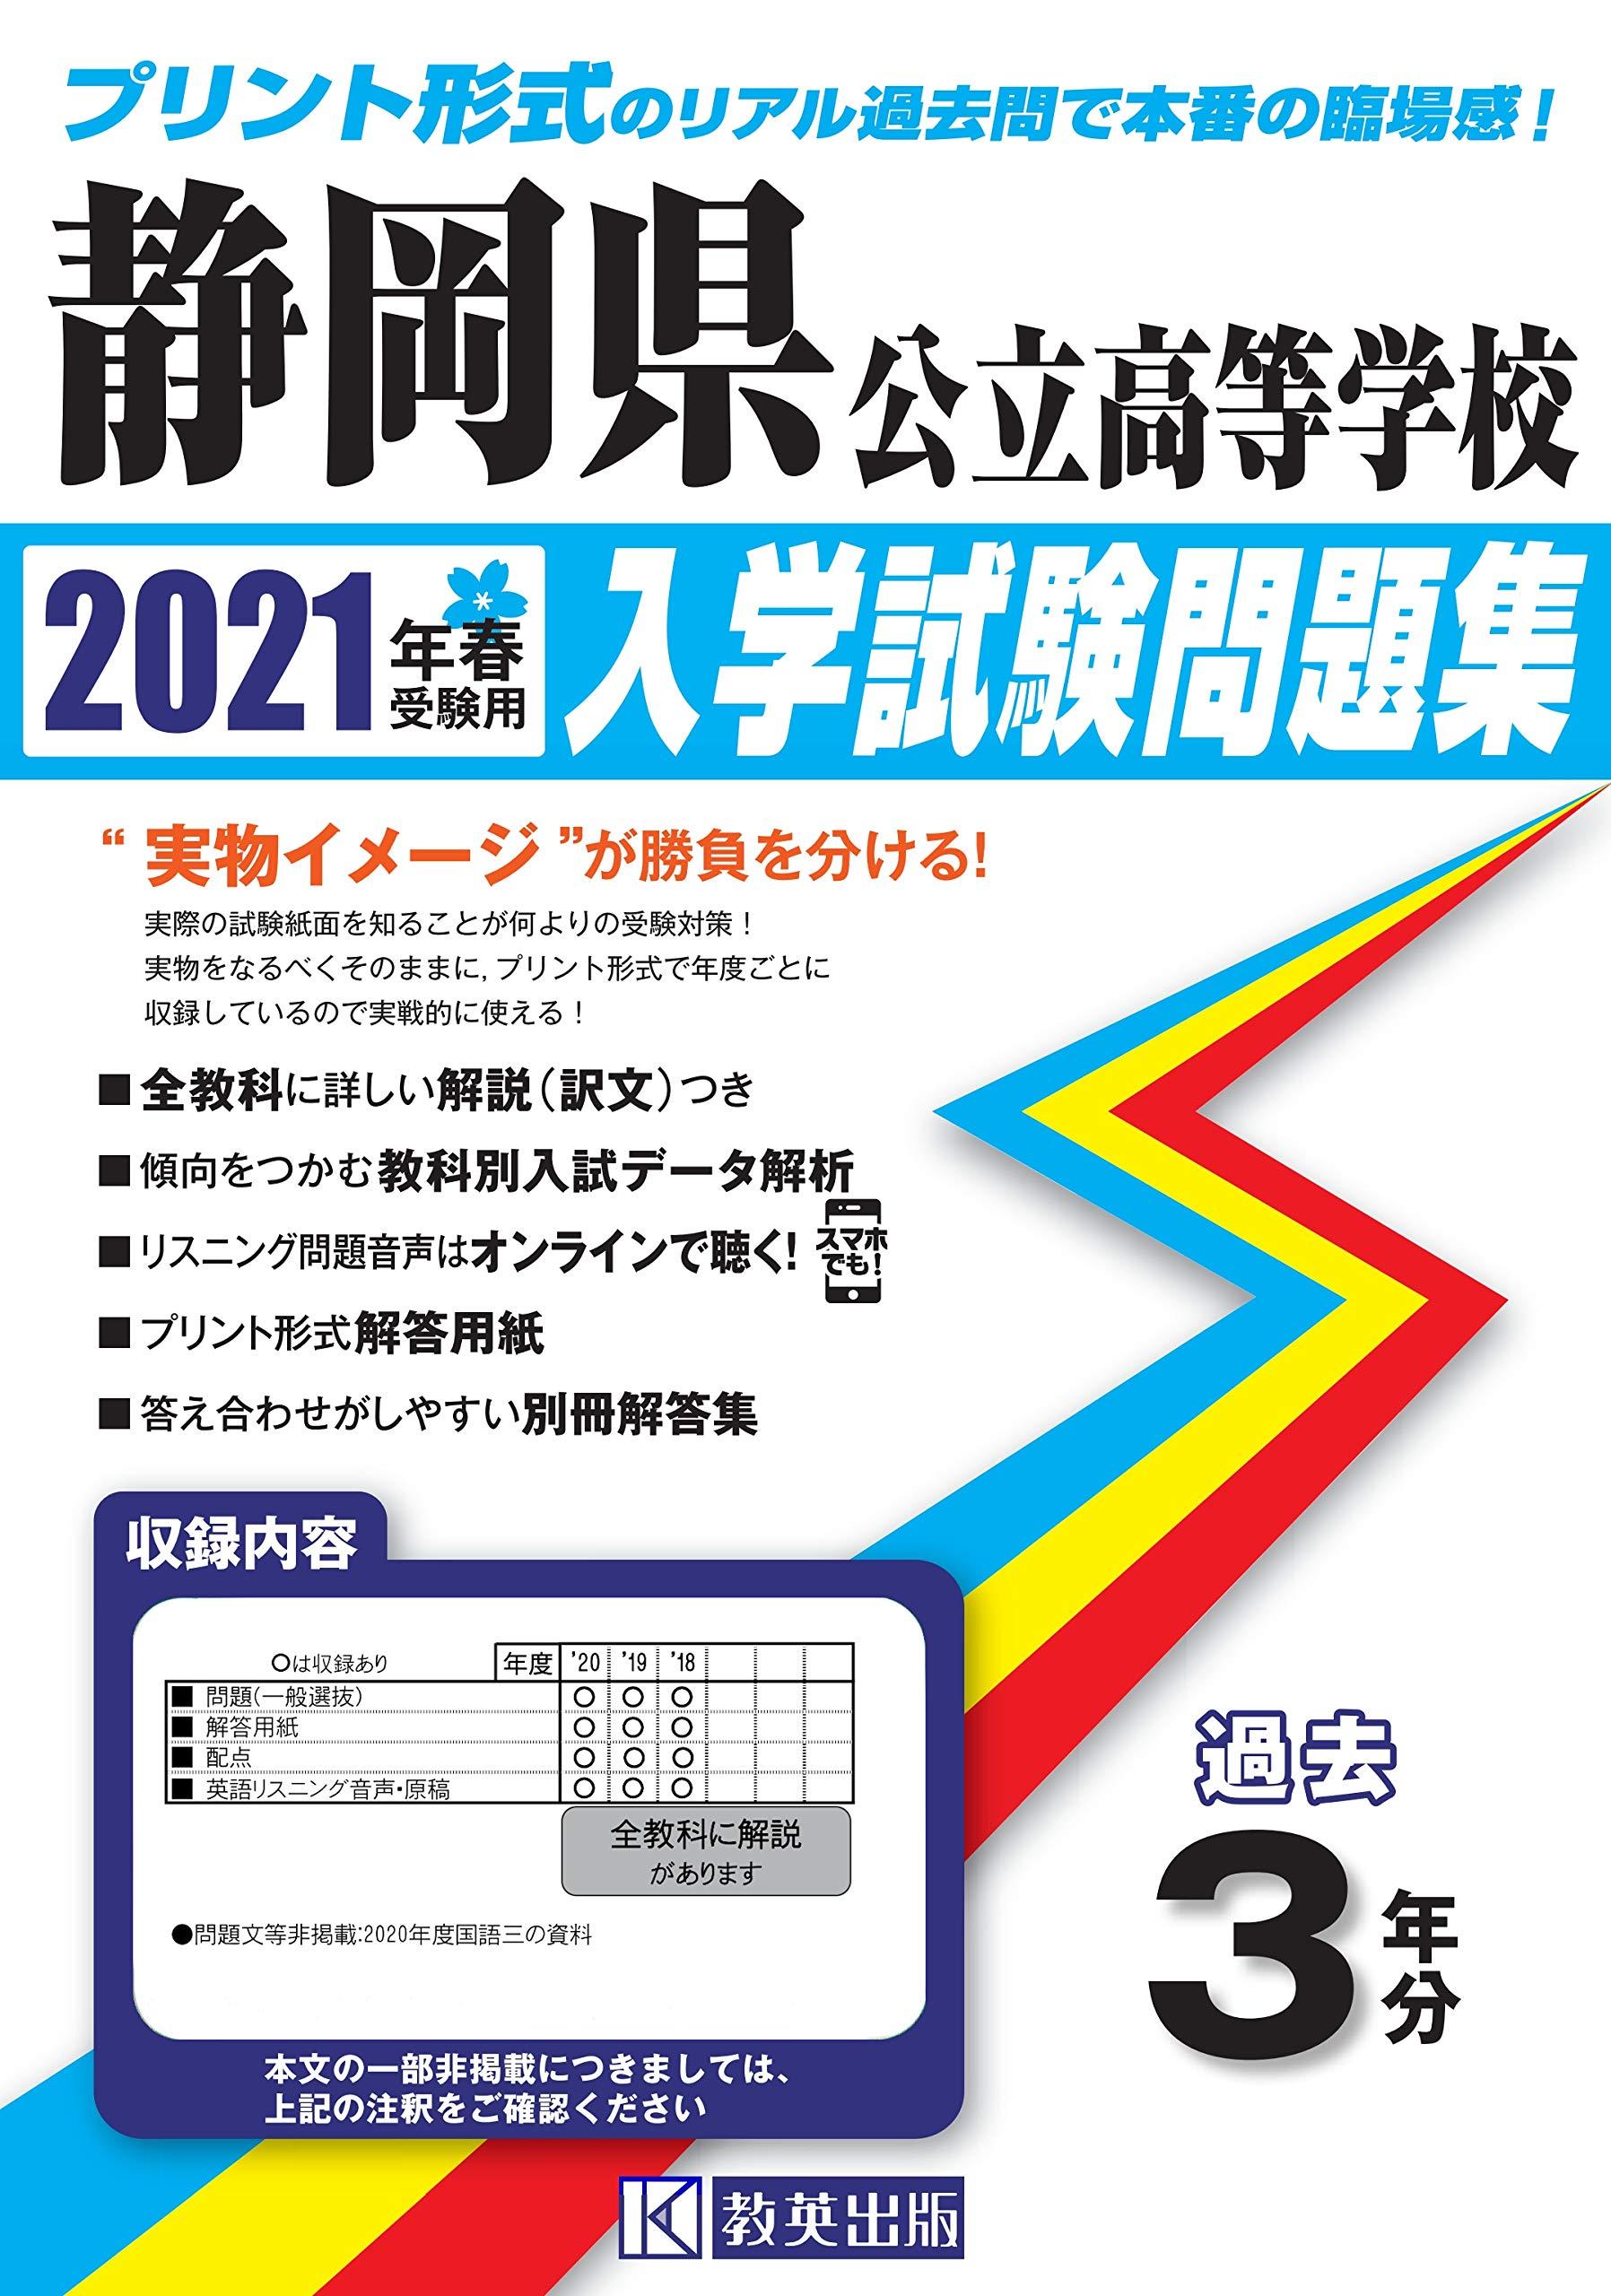 合格 静岡 発表 県 公立 高校